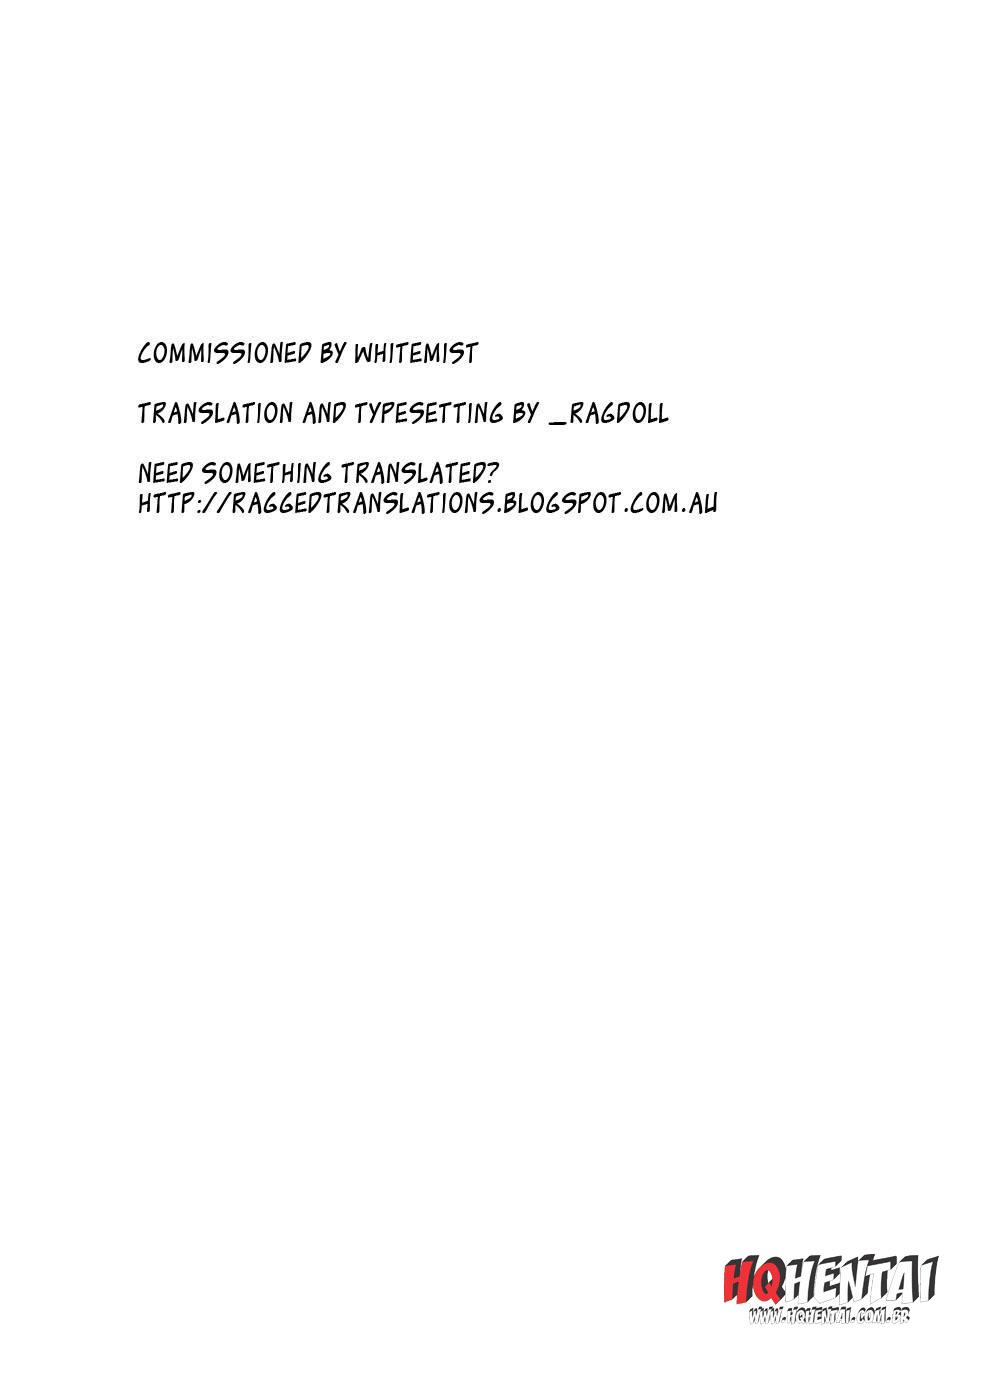 pagina_37 Use o navegador Google Chrome para leitura. Tudo mais RÁPIDO!!!!